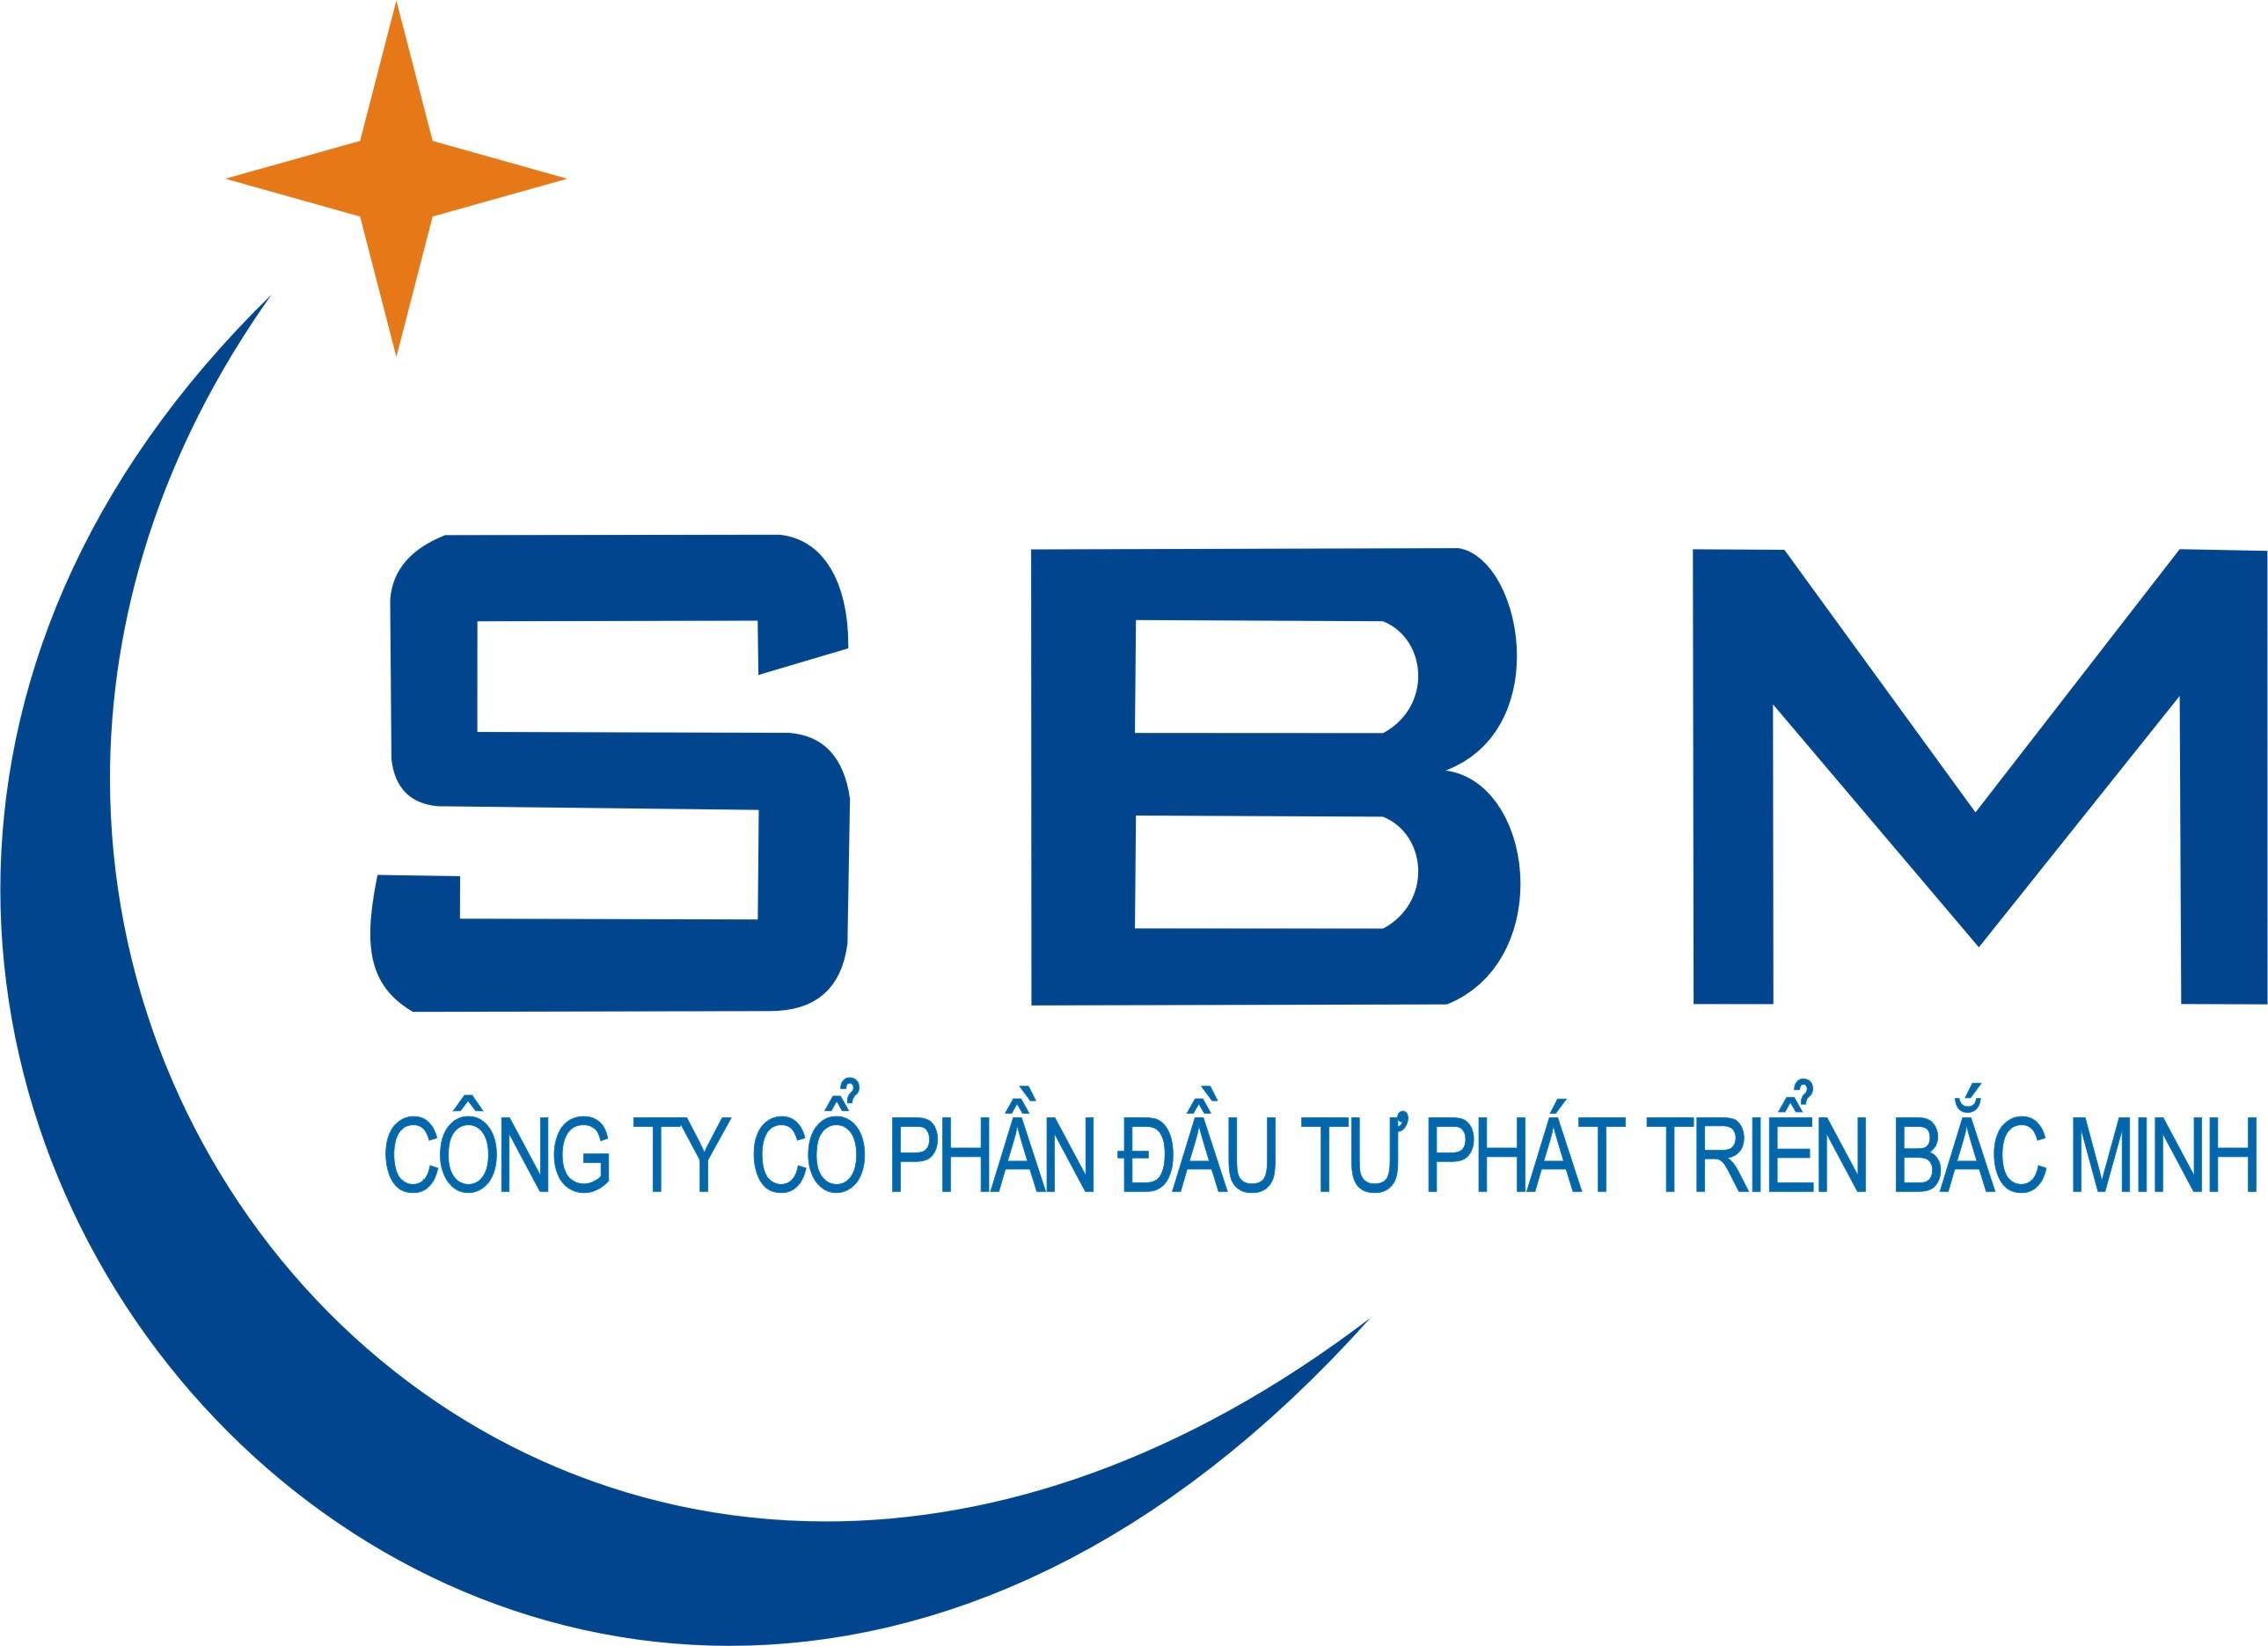 Công ty Cổ phần Đầu tư Phát triển Bắc Minh